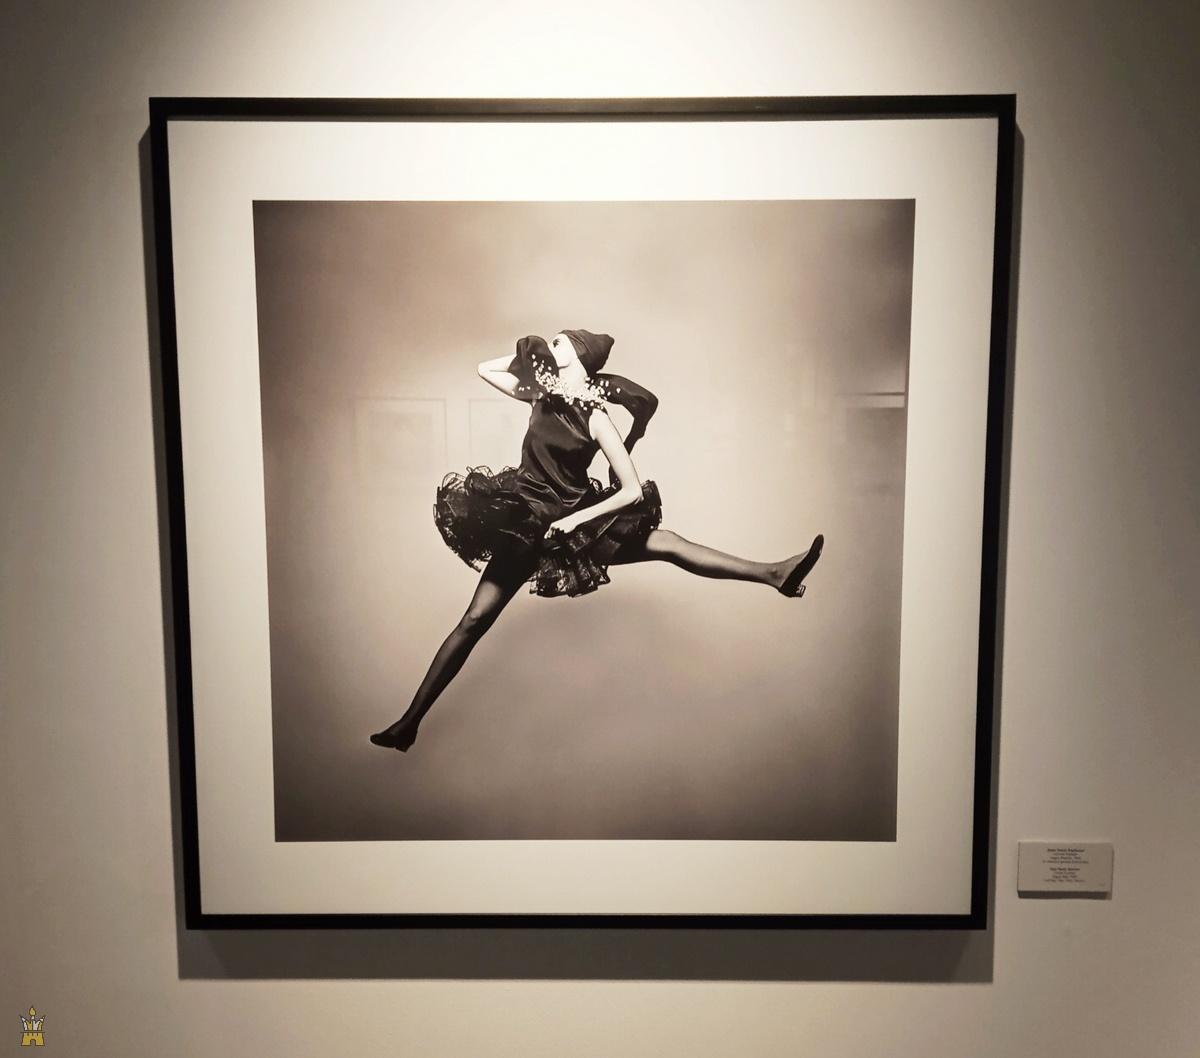 Итальянский фэшн-фотограф Джан Паоло Барбьери